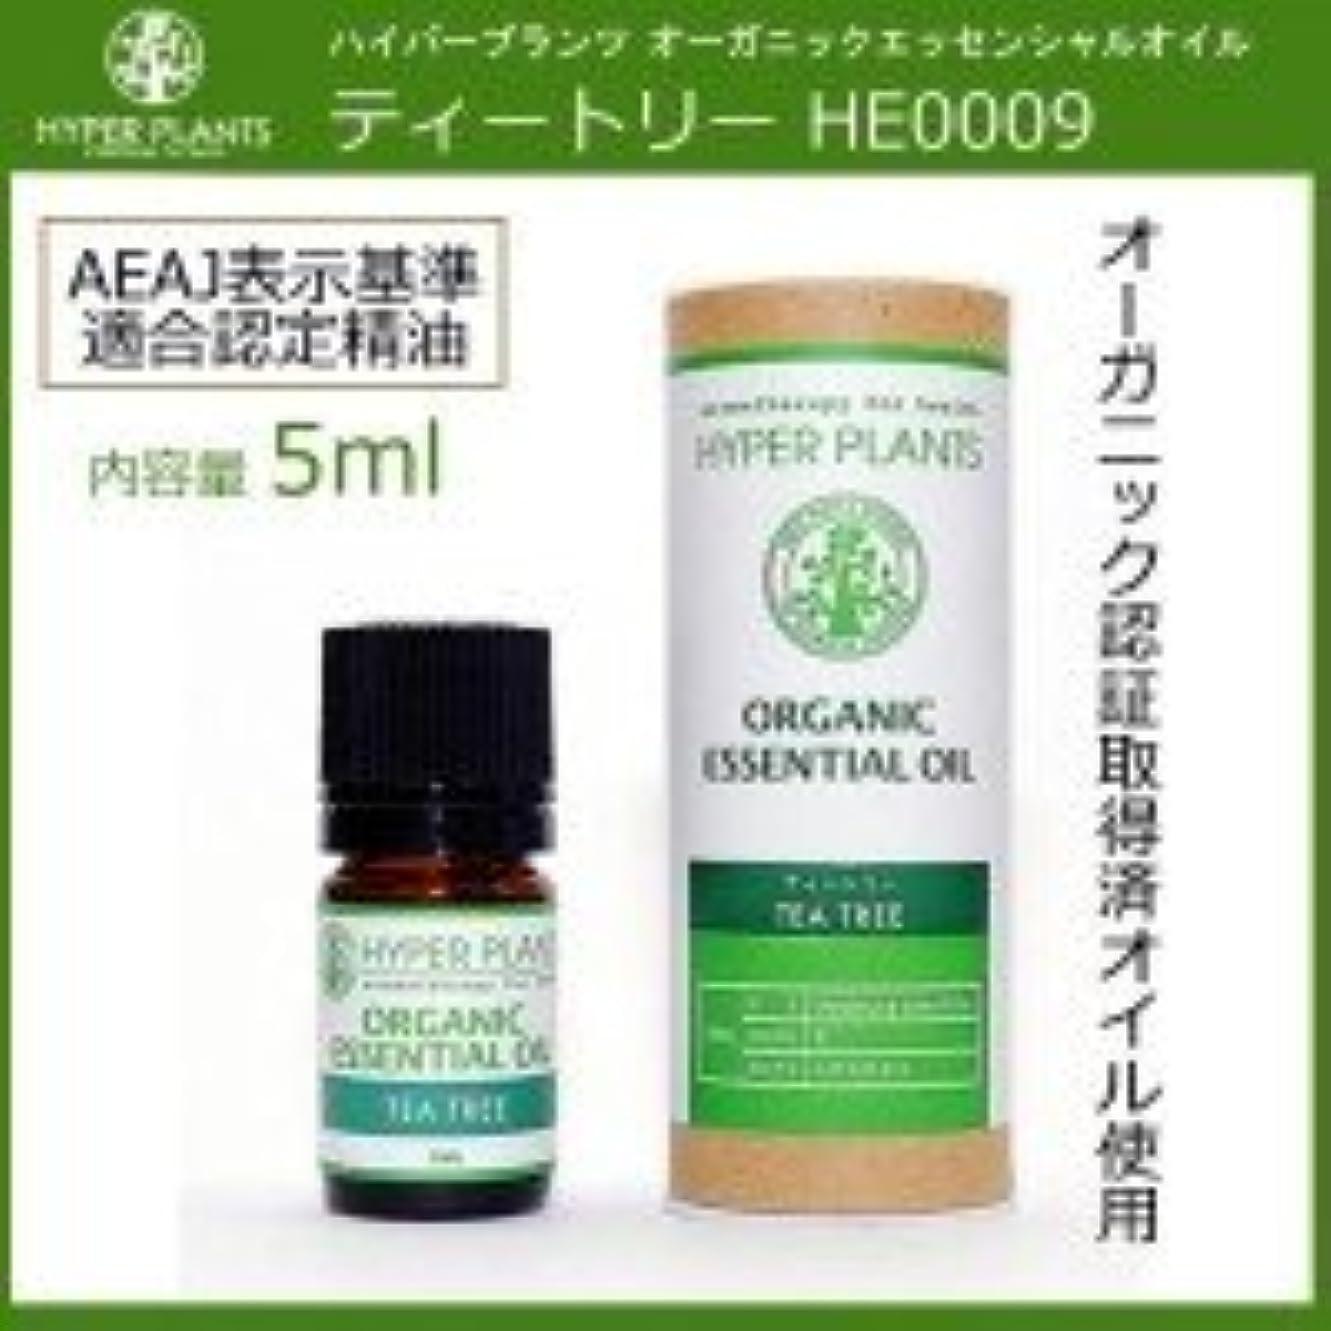 オフェンス影響力のある周術期HYPER PLANTS ハイパープランツ オーガニックエッセンシャルオイル ティートリー 5ml HE0009